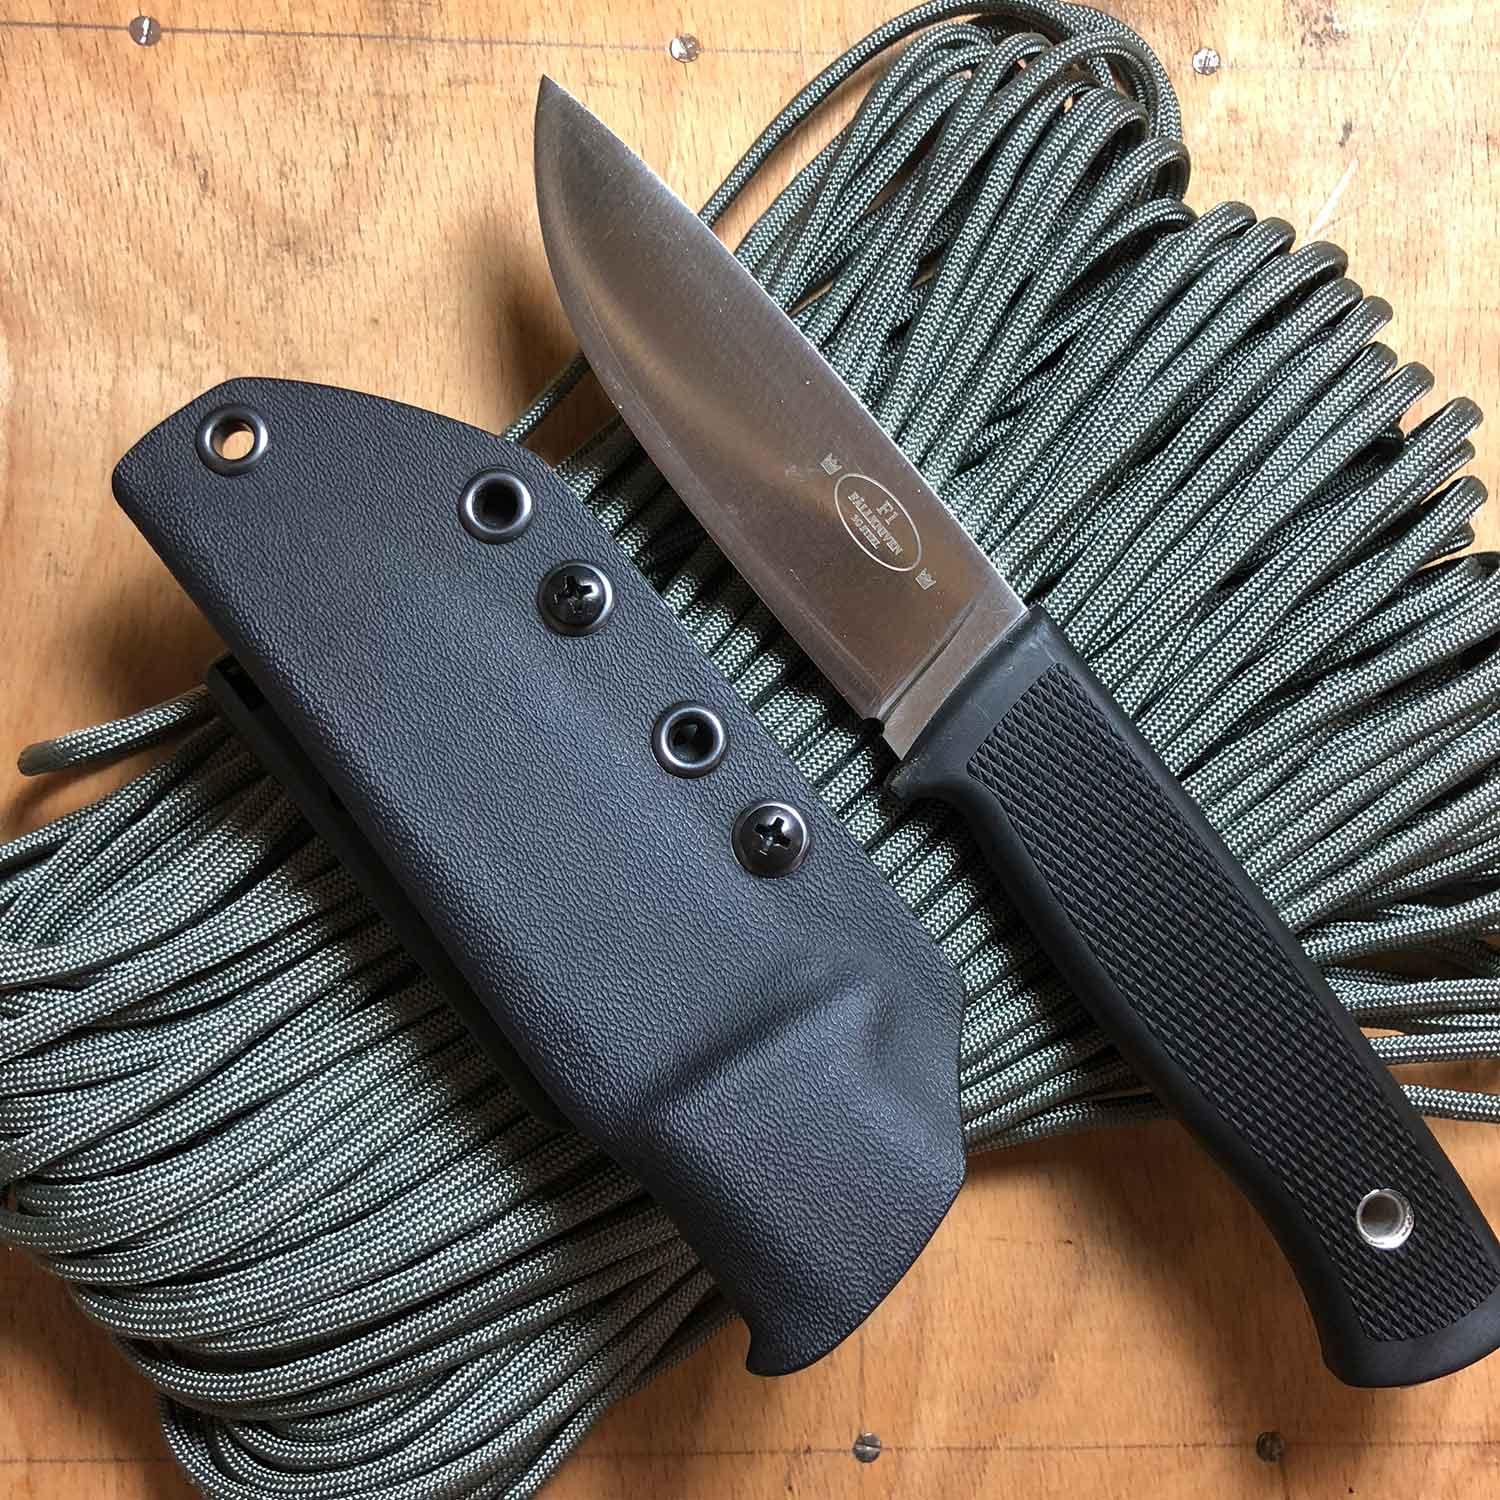 kydexscheide wolfknives schwarz f r f llkniven f1 wolfknives feines werkzeug handwerk. Black Bedroom Furniture Sets. Home Design Ideas